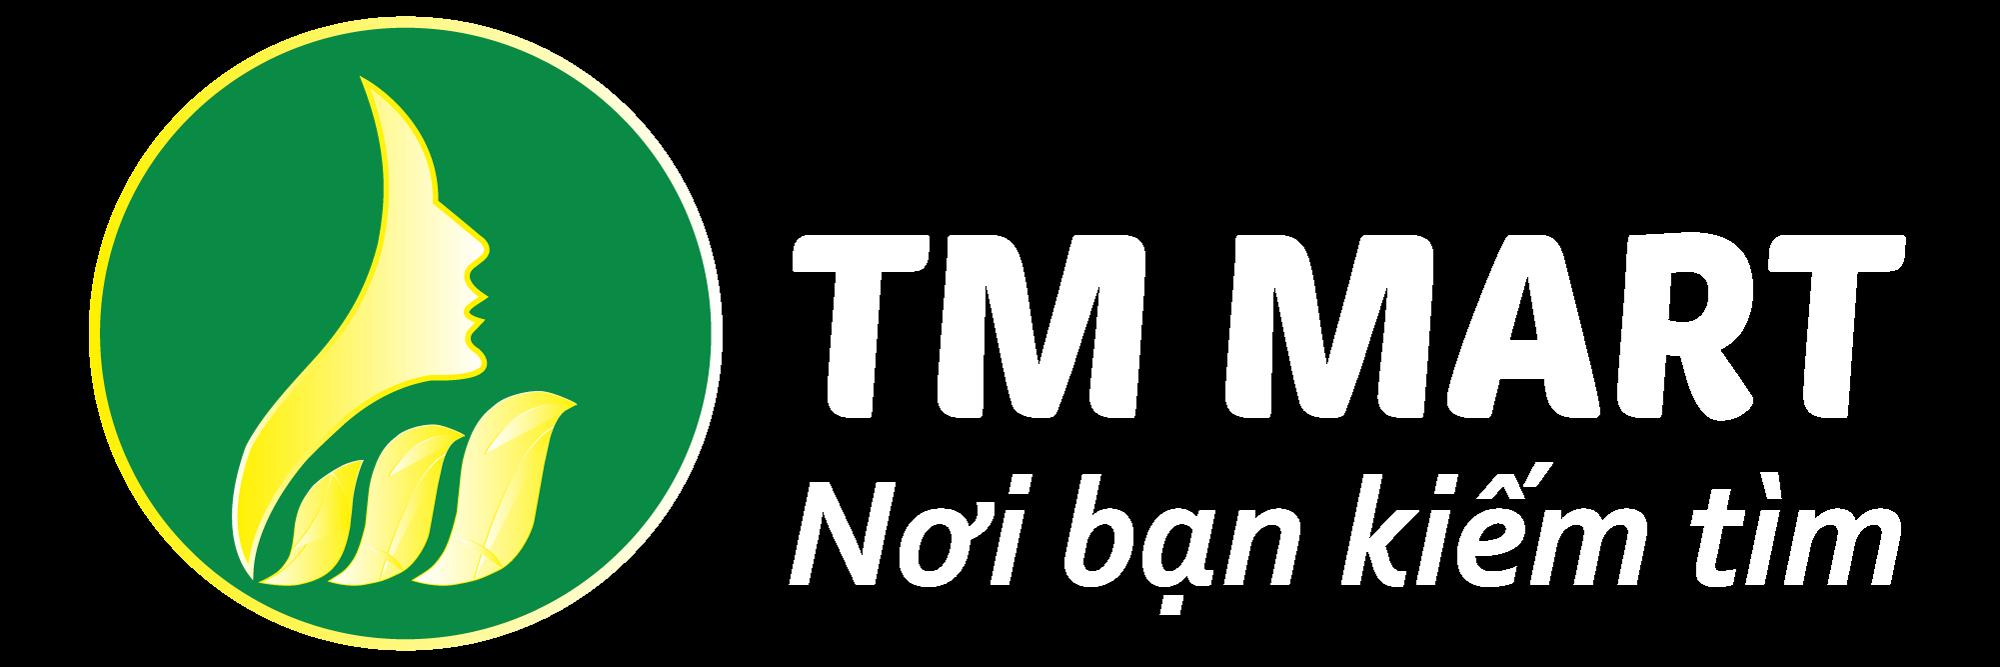 TM mart